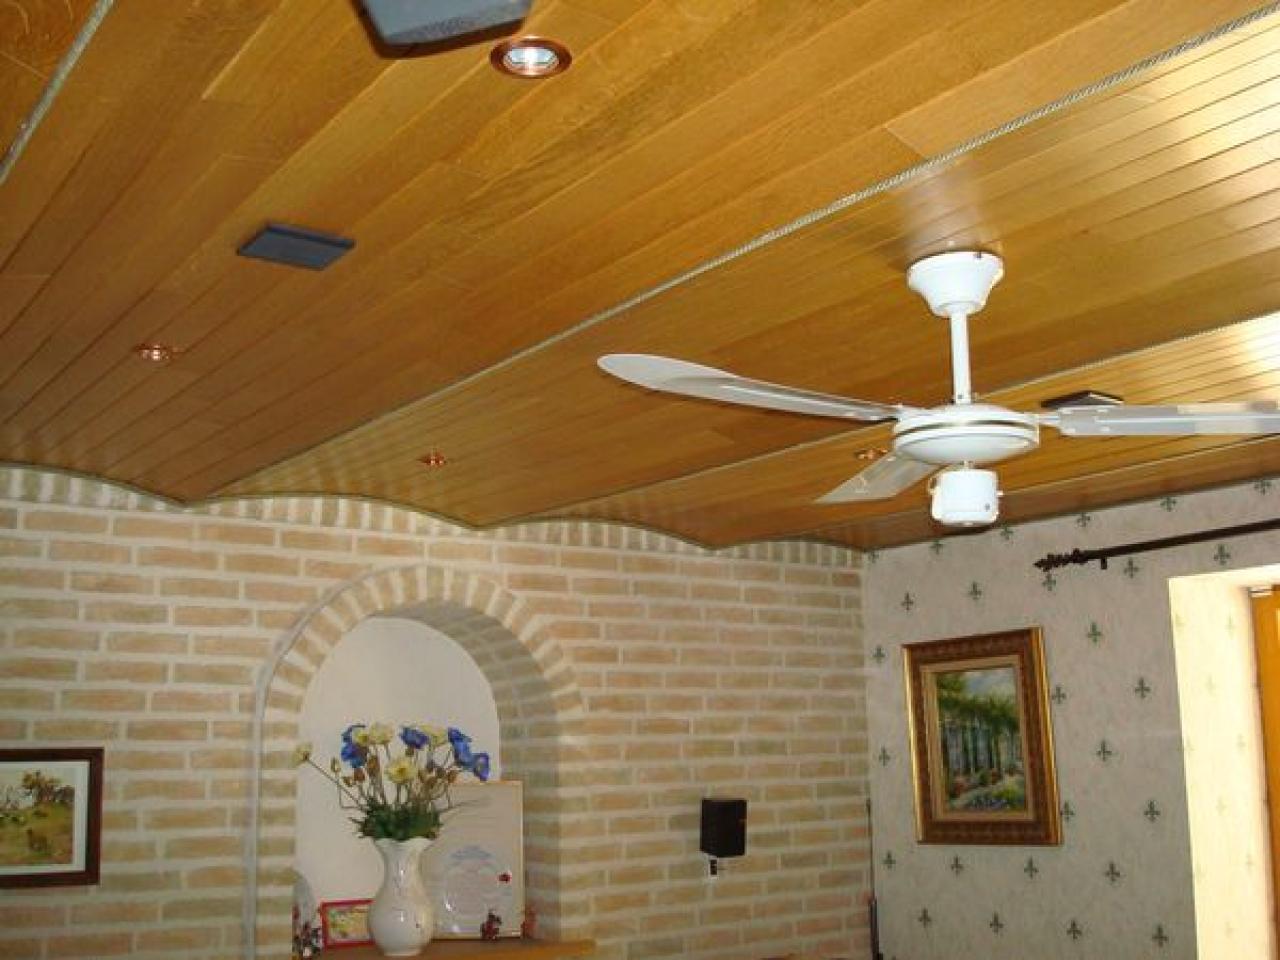 Dalles Plafond M0 Beauvais Services Travaux Acrobatiques